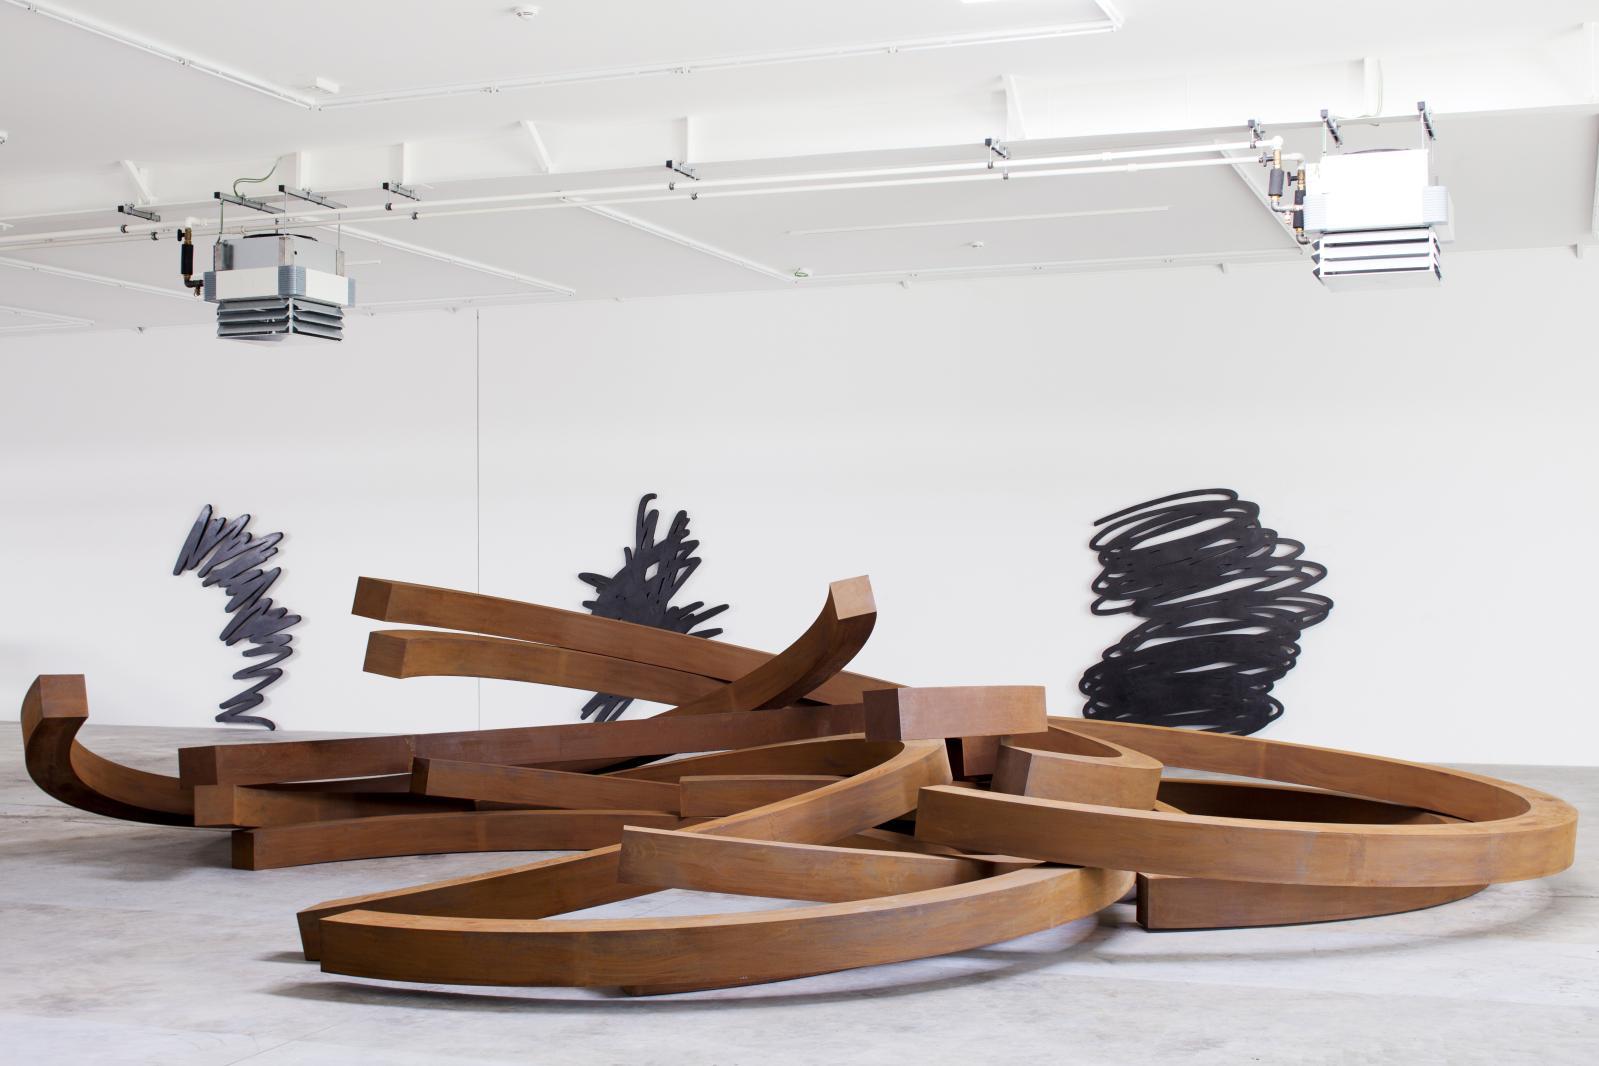 Exposition Bernar Venet à la galerie du Luxembourg en 2015.